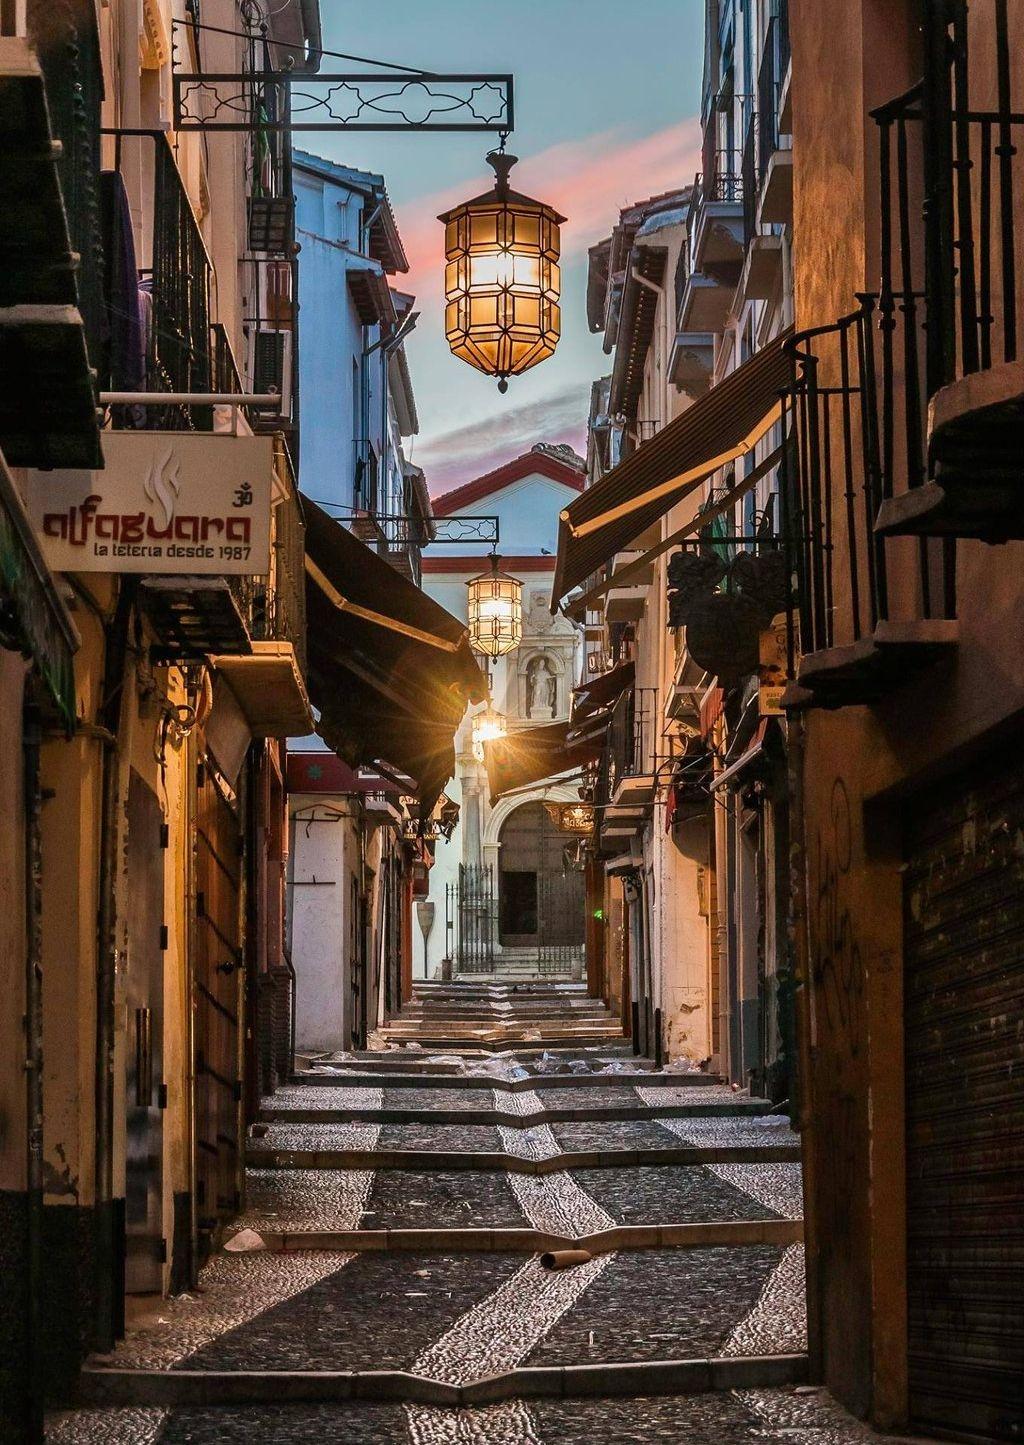 إسبانيا غرناطة اهم اماكن التسوق والمطاعم شارع كالدير يريا الجديد